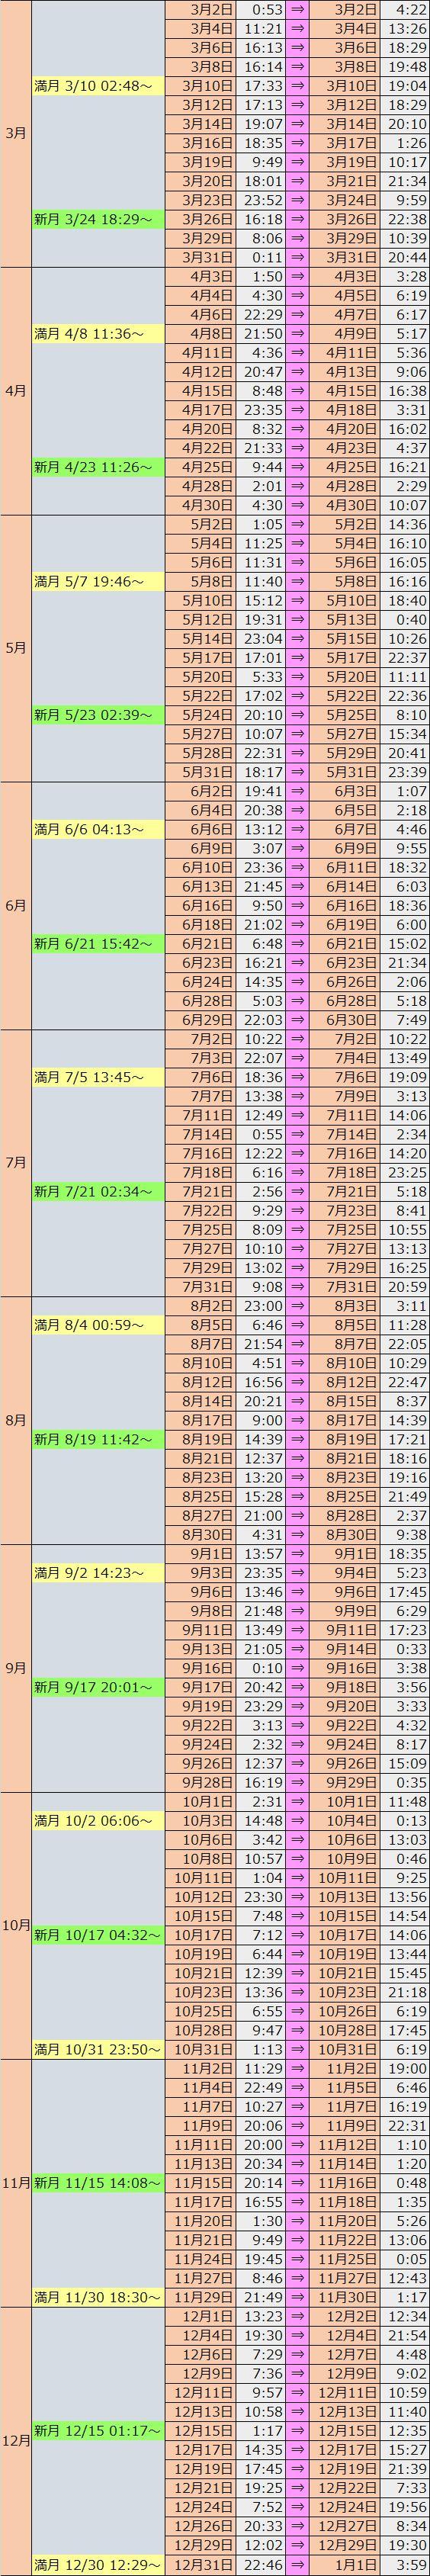 ボイド タイム 2020 【2020ボイドタイム】新月・満月タイムを上手く使うために、知ってお...